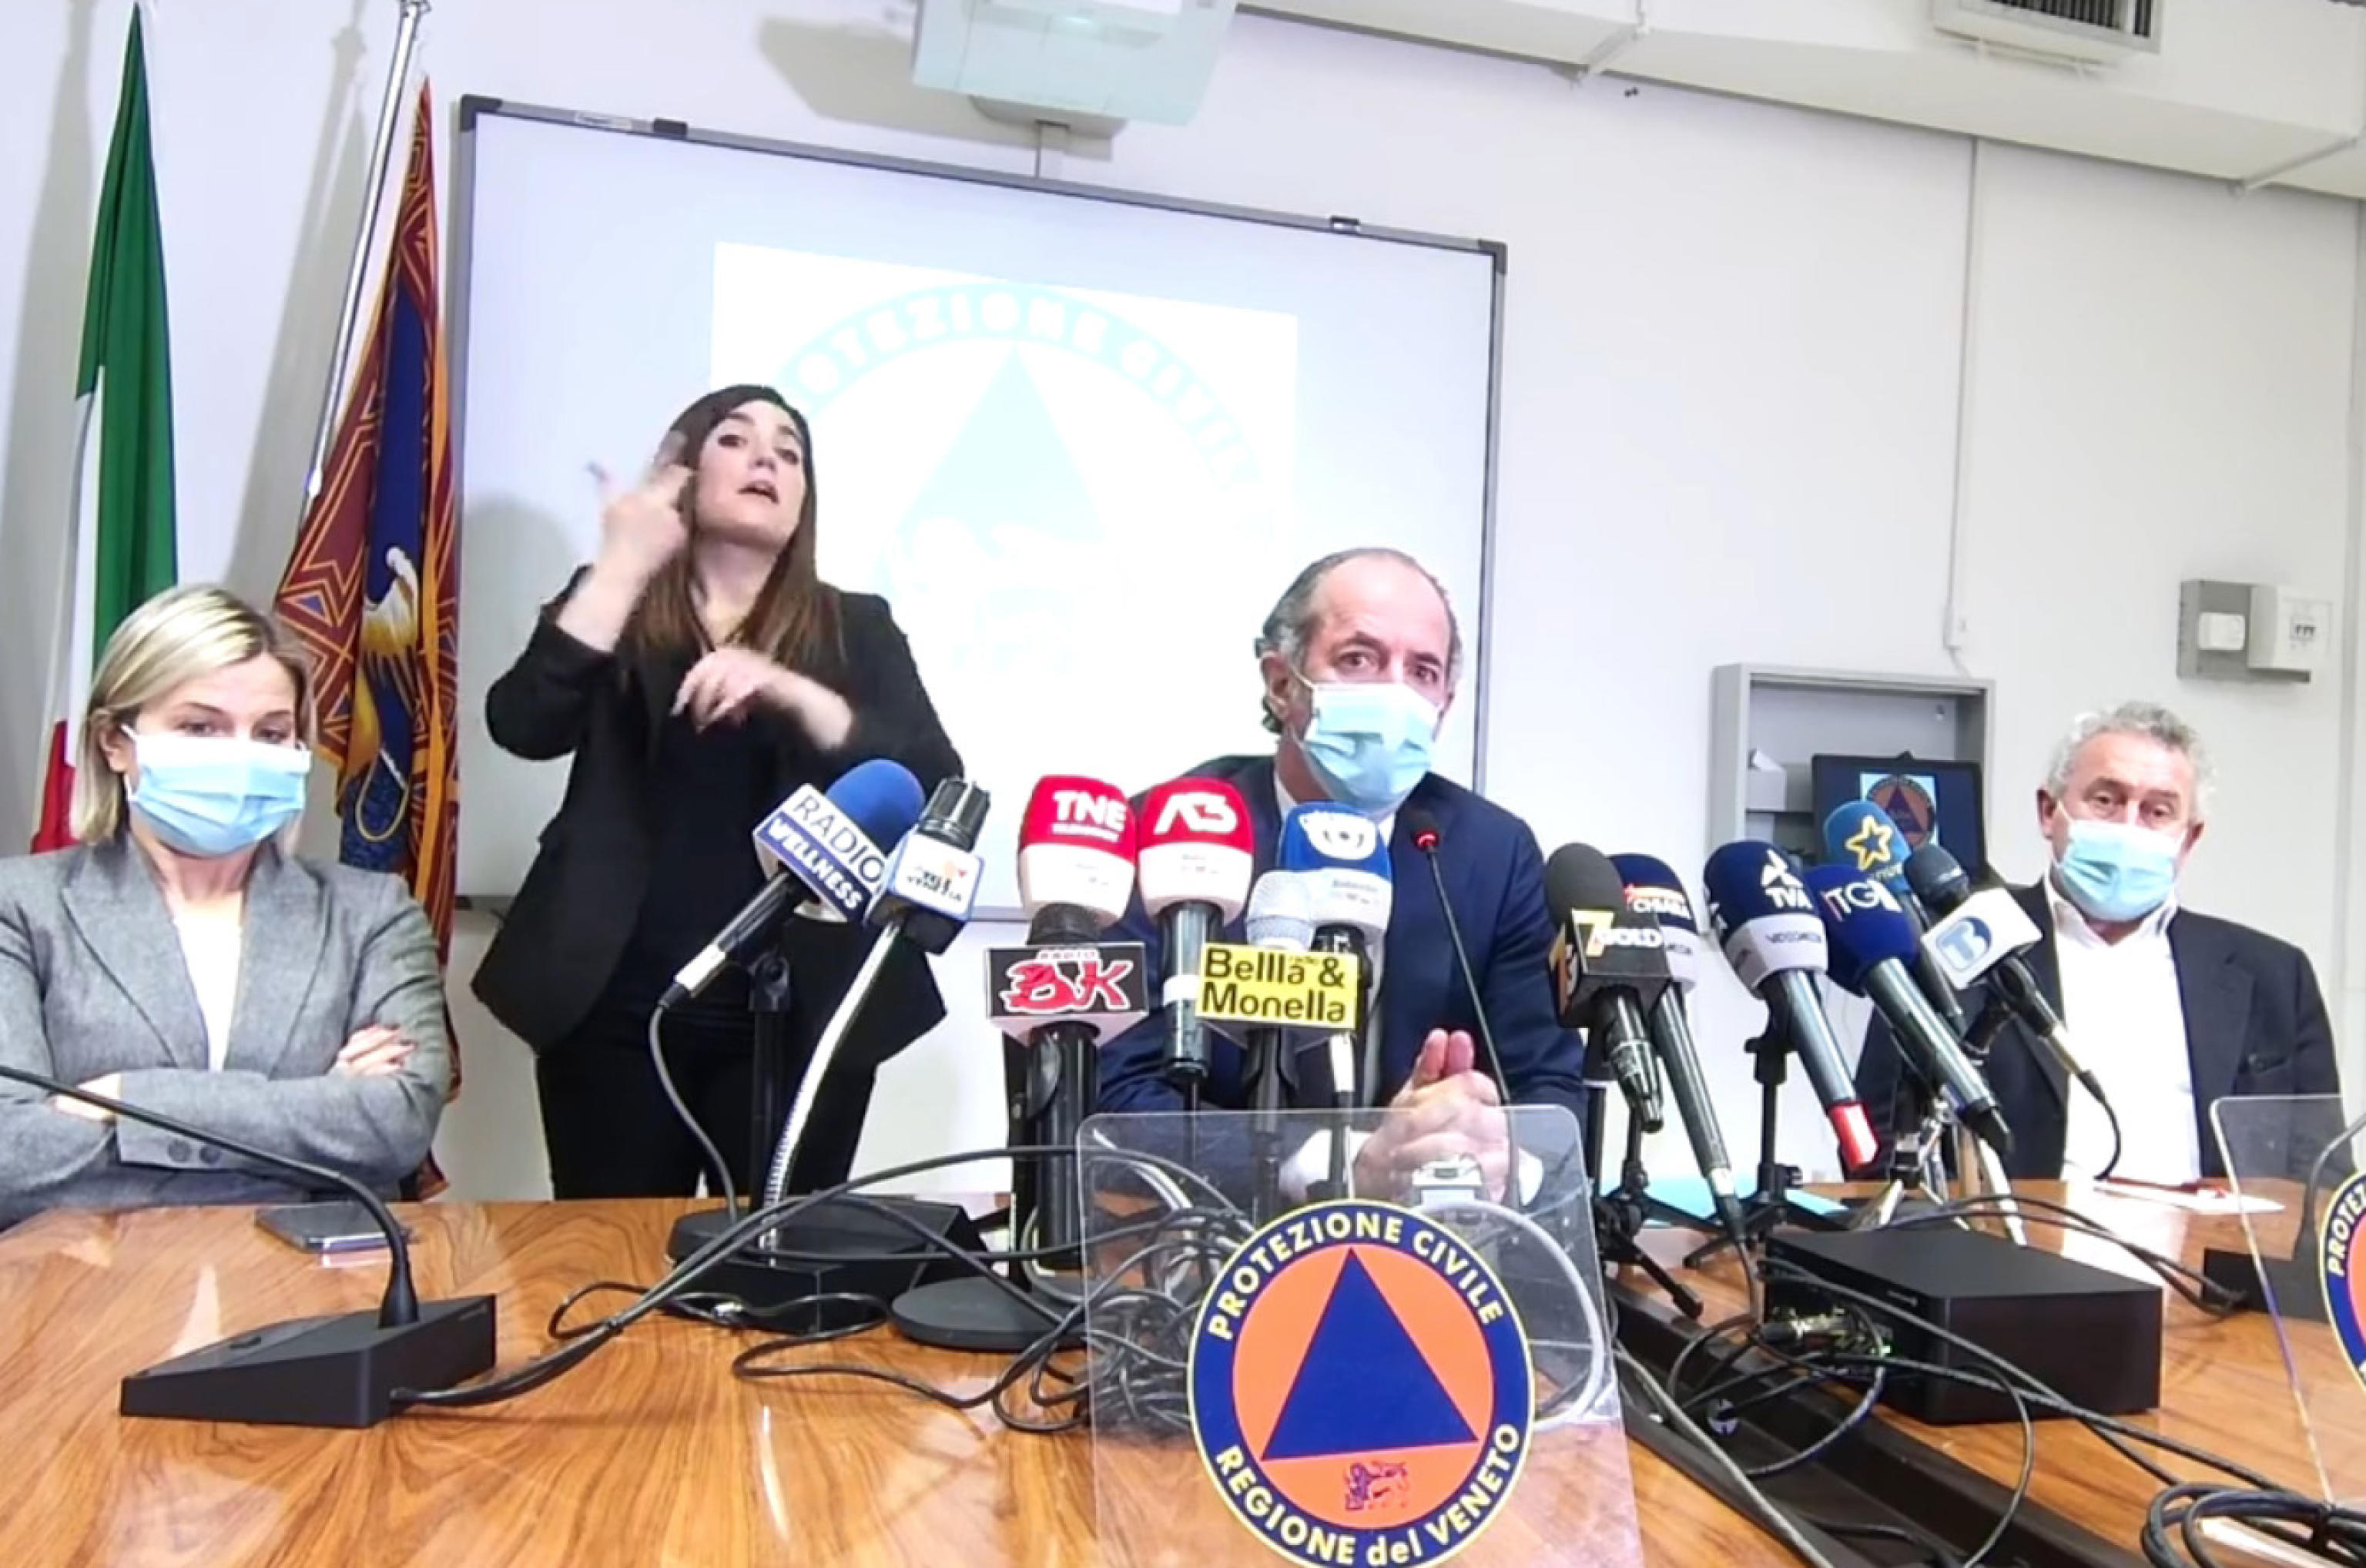 Coronavirus, in Veneto 17 decessi e aumento degli ingressi in terapia intensiva. Zaia: «Rischiamo la zona arancione»